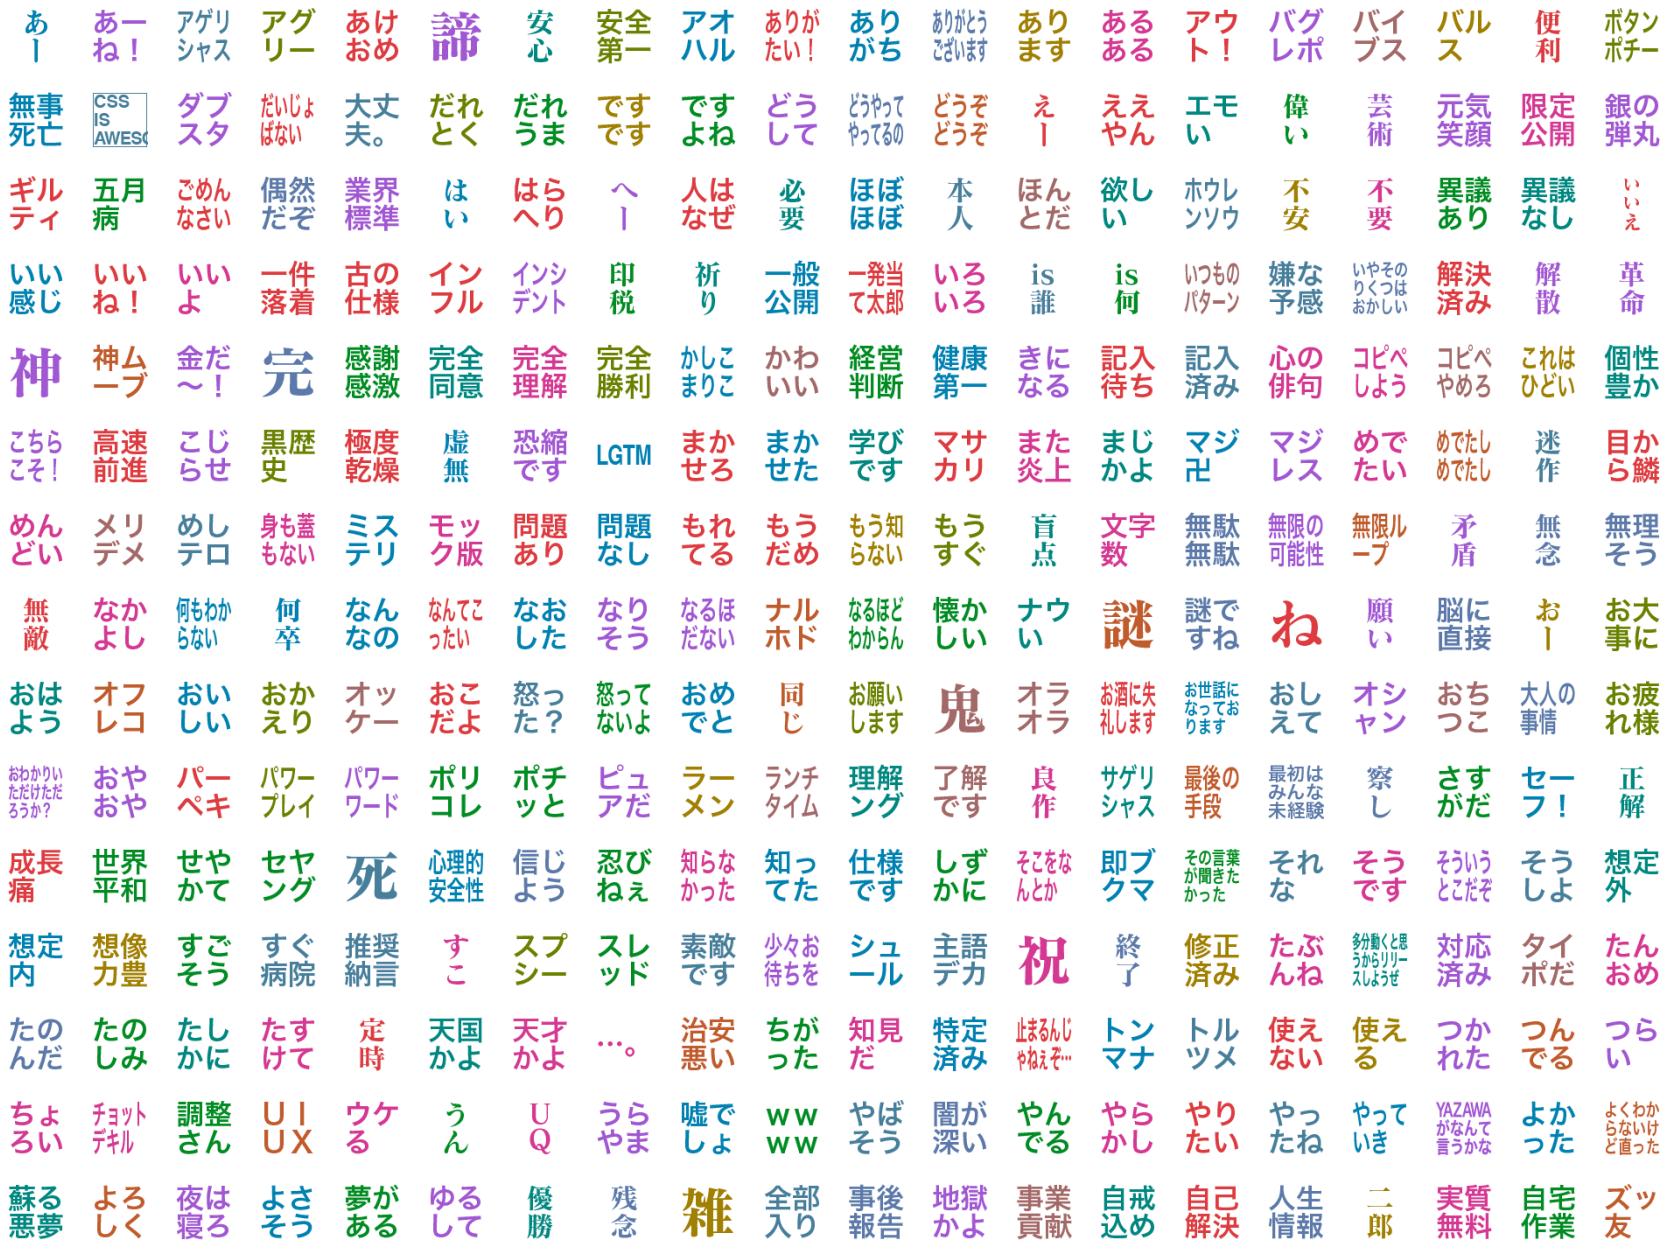 デコモジ v5 の基本セットの一覧画像